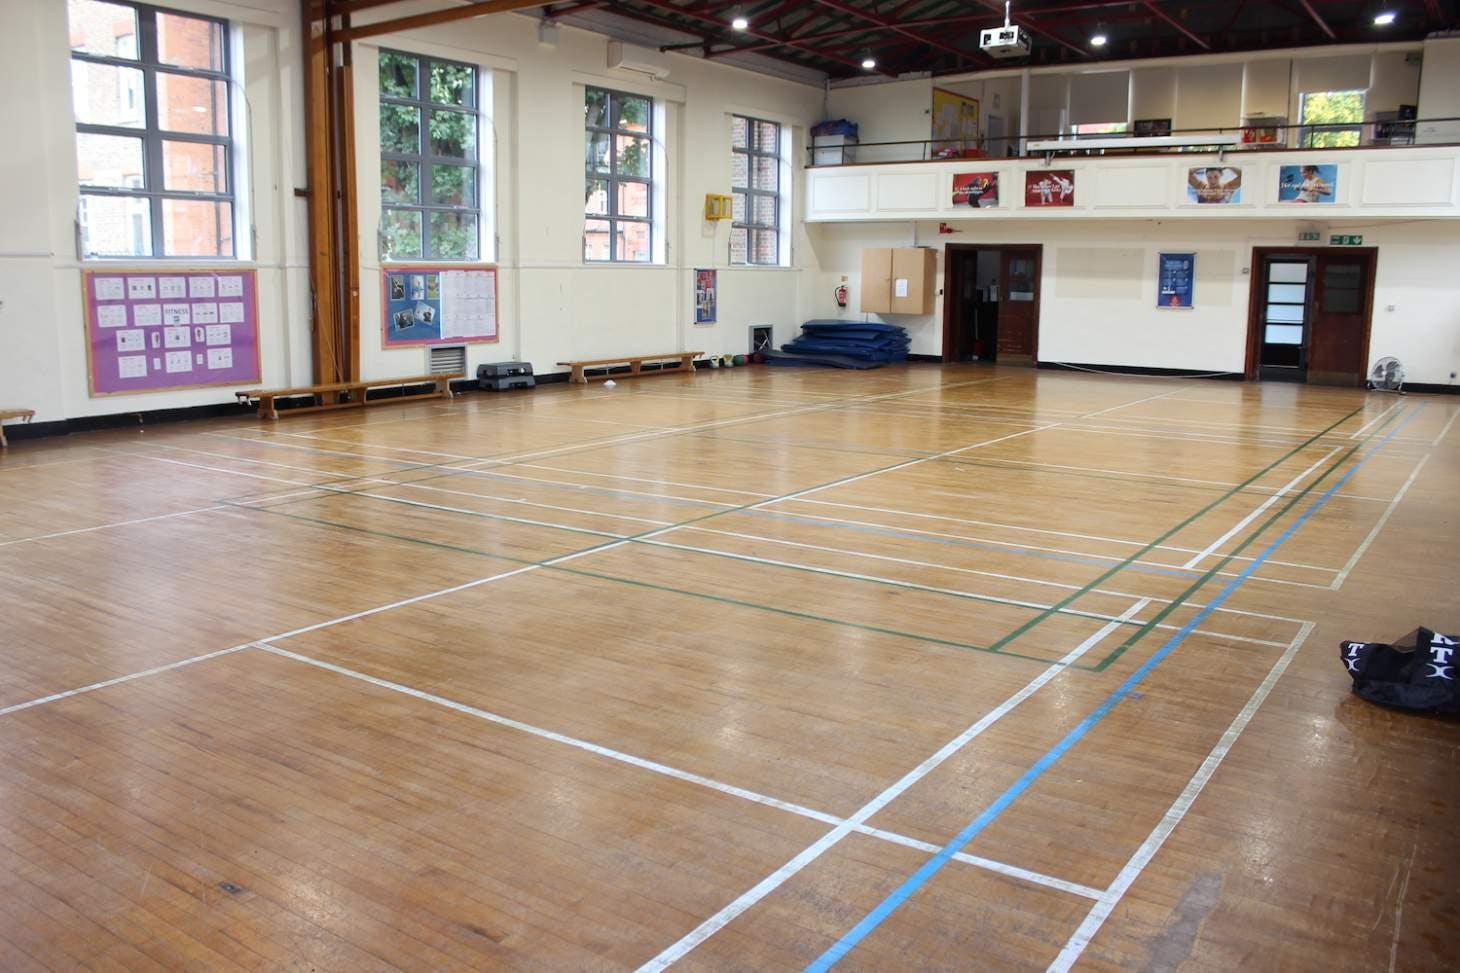 La Sainte Union School Gymnasium space hire